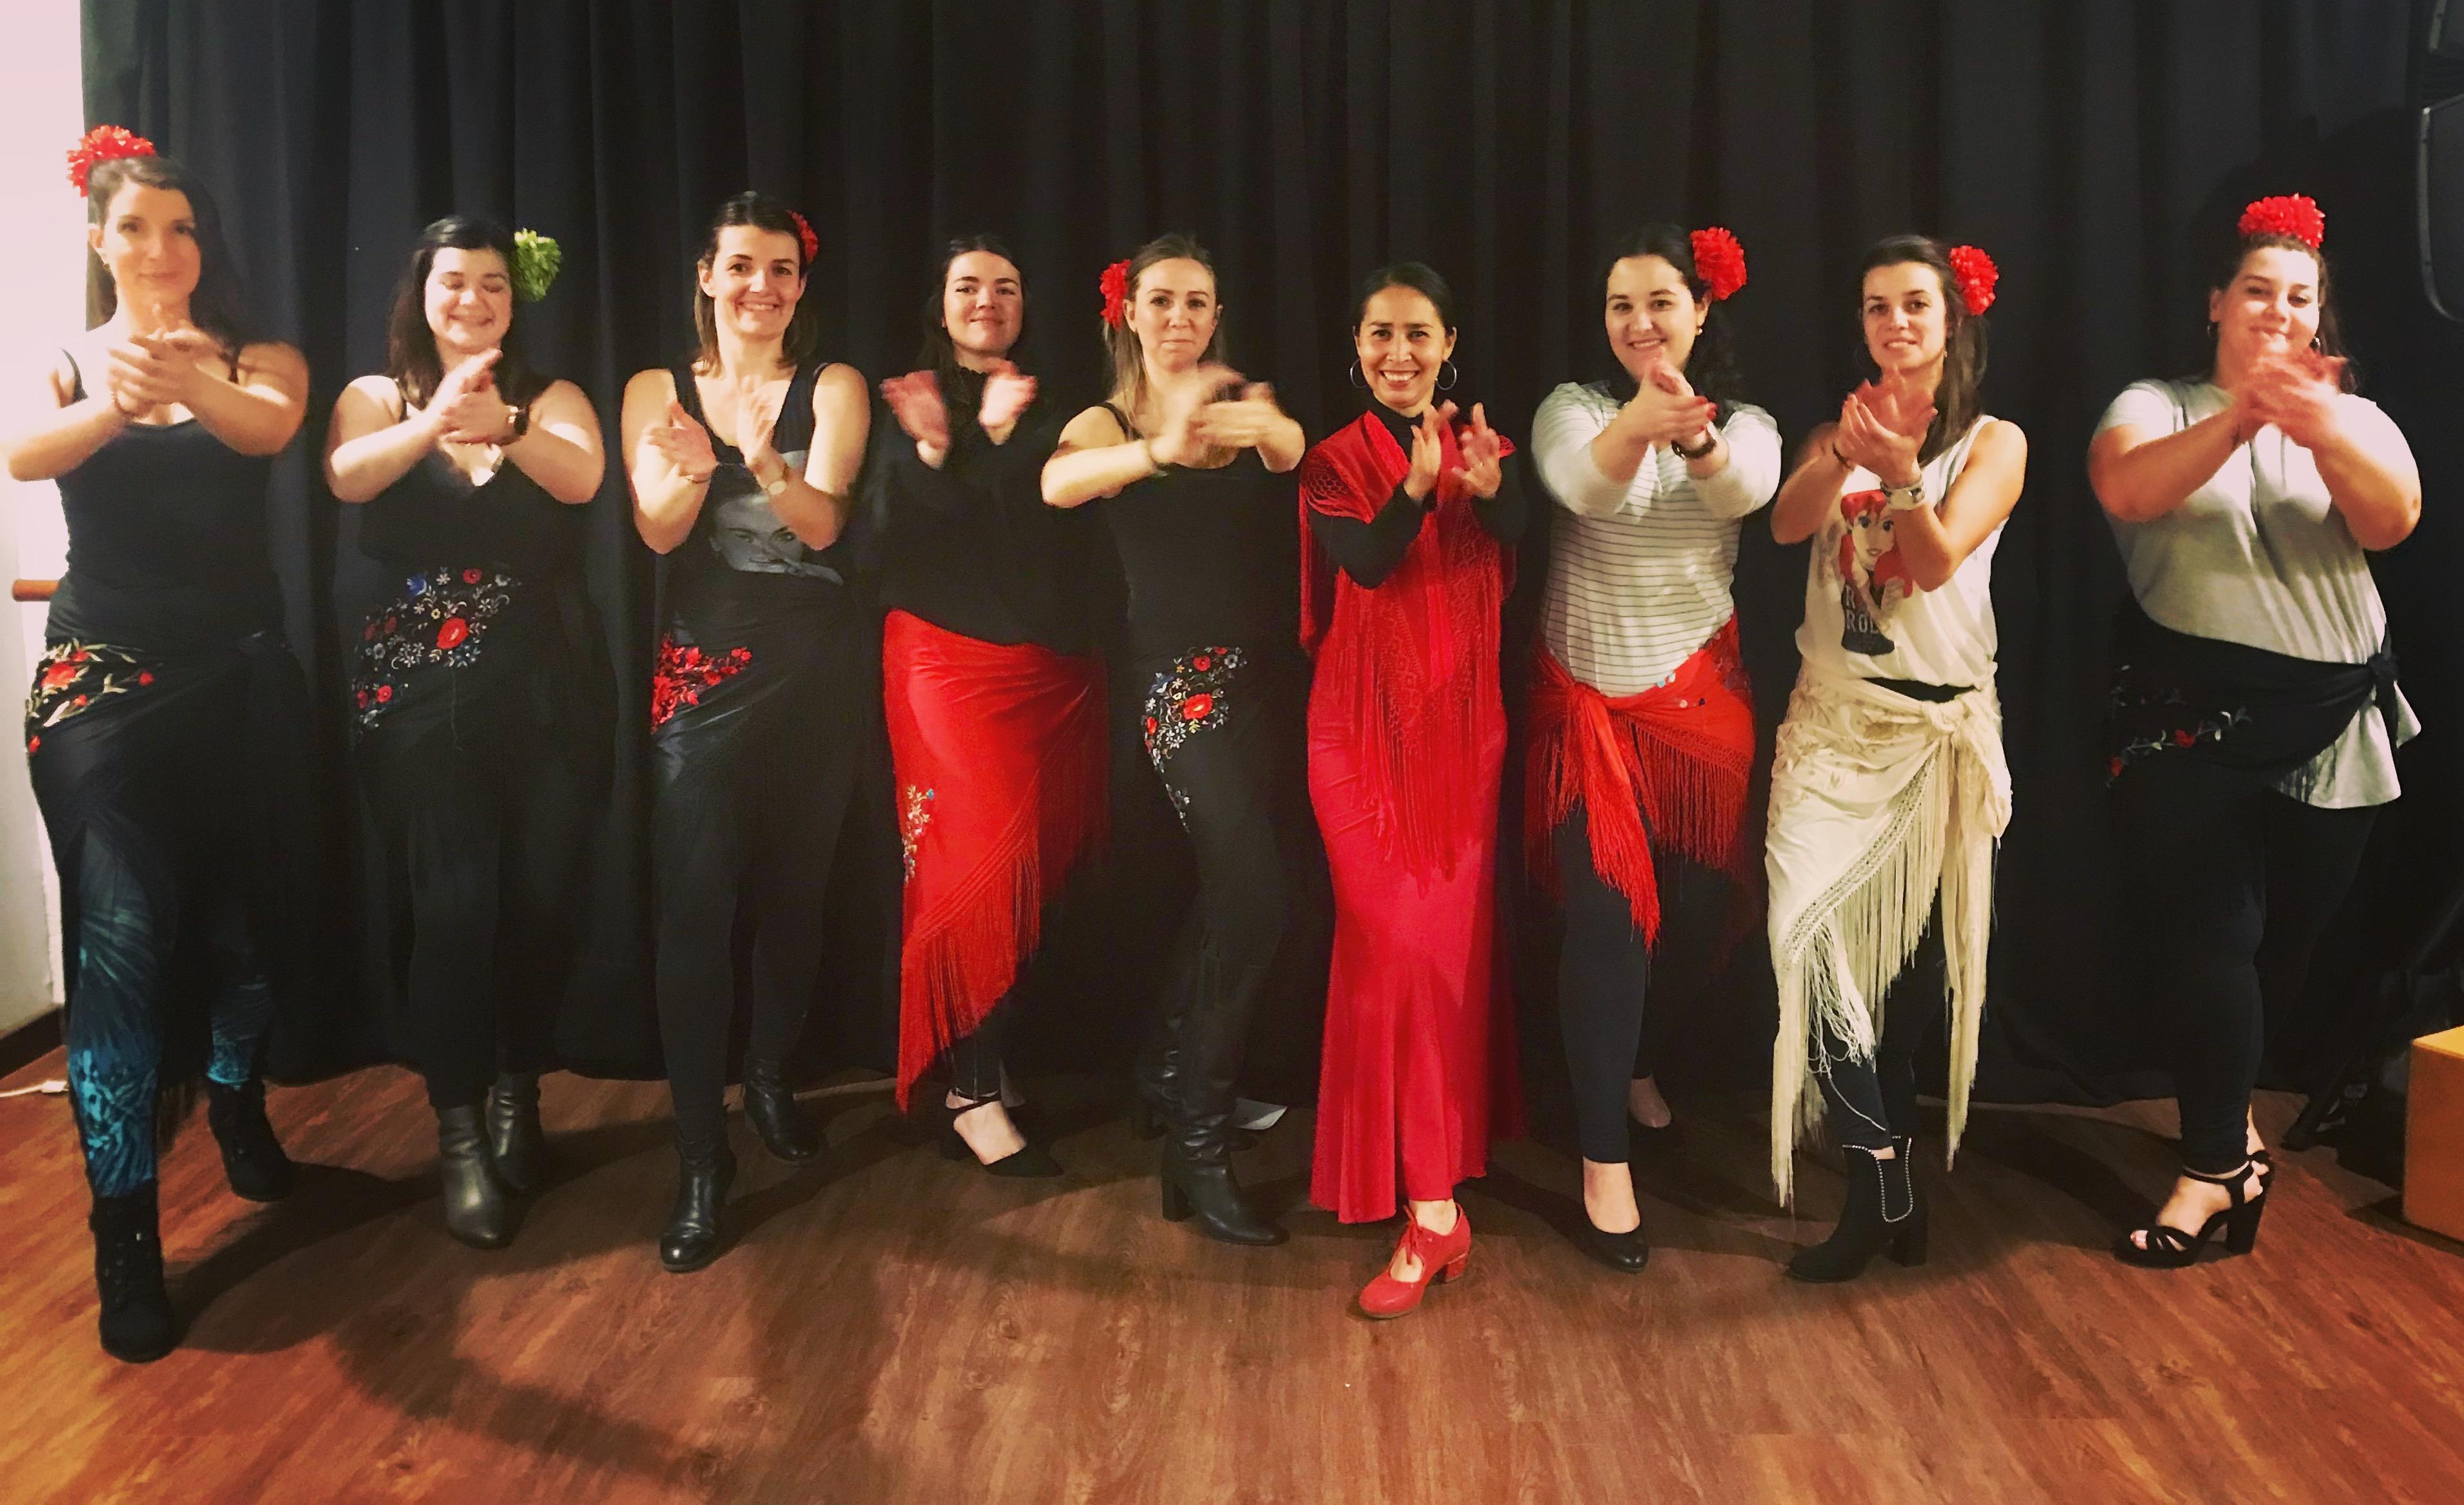 Turismo cultural flamenco - Lucero Cárdenas